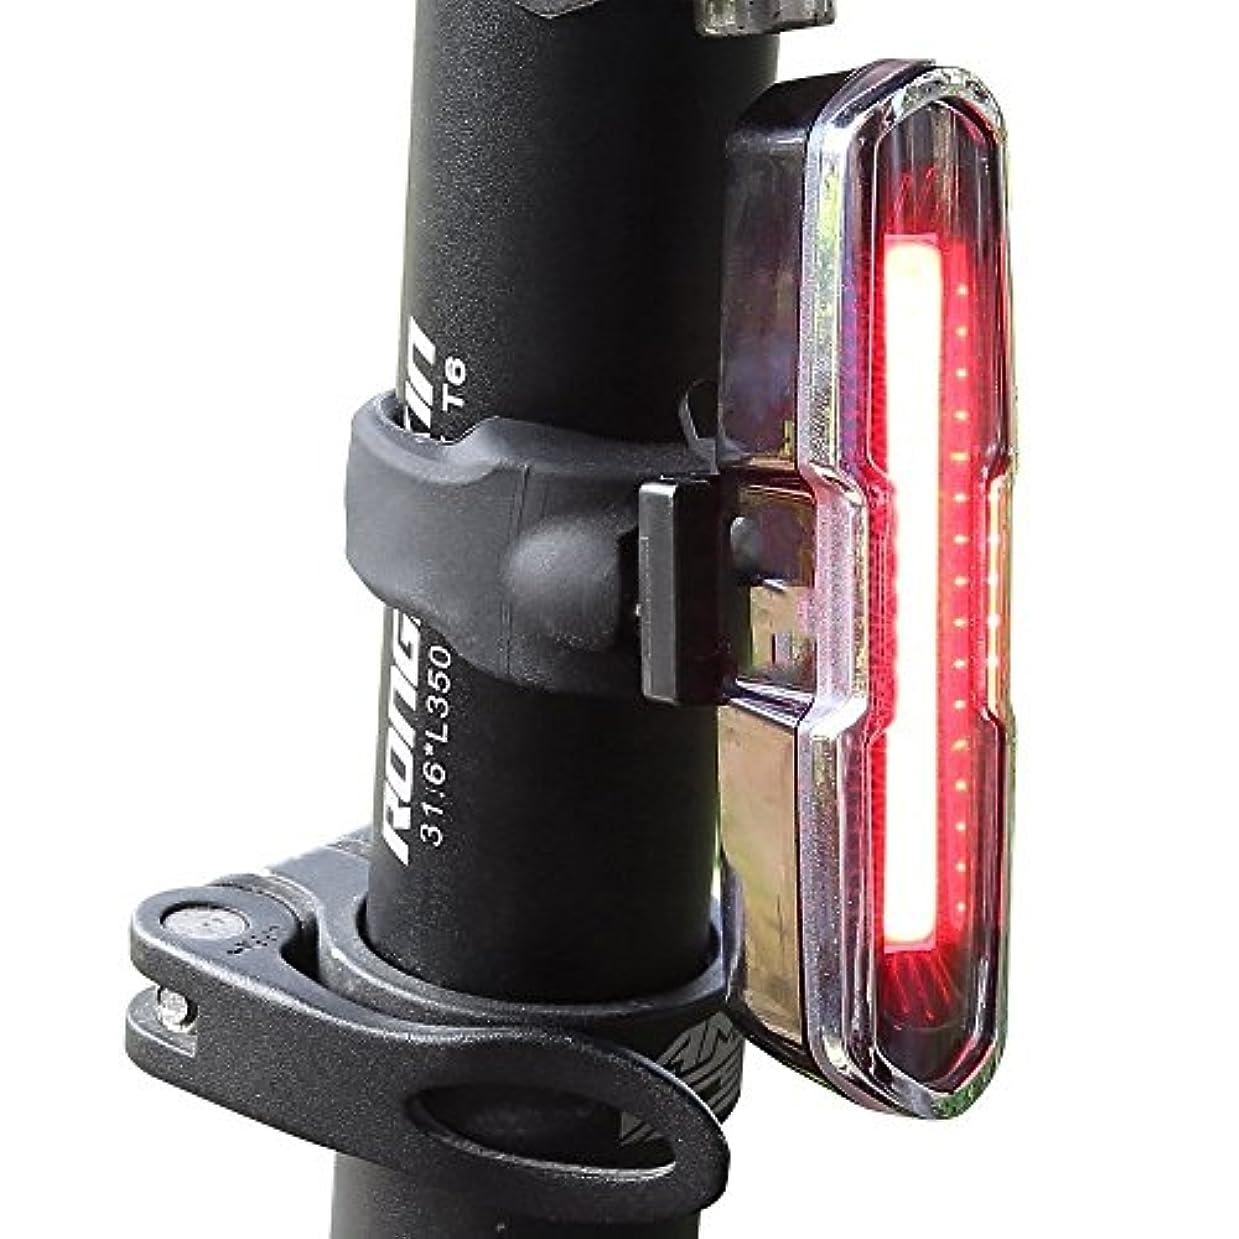 ファッション挑む手書きUSB充電式自転車ライト 赤と青のUSB充電式自転車テールライト-COBスーパーブライトヘルメットライト - マウンテンバイク用ライト